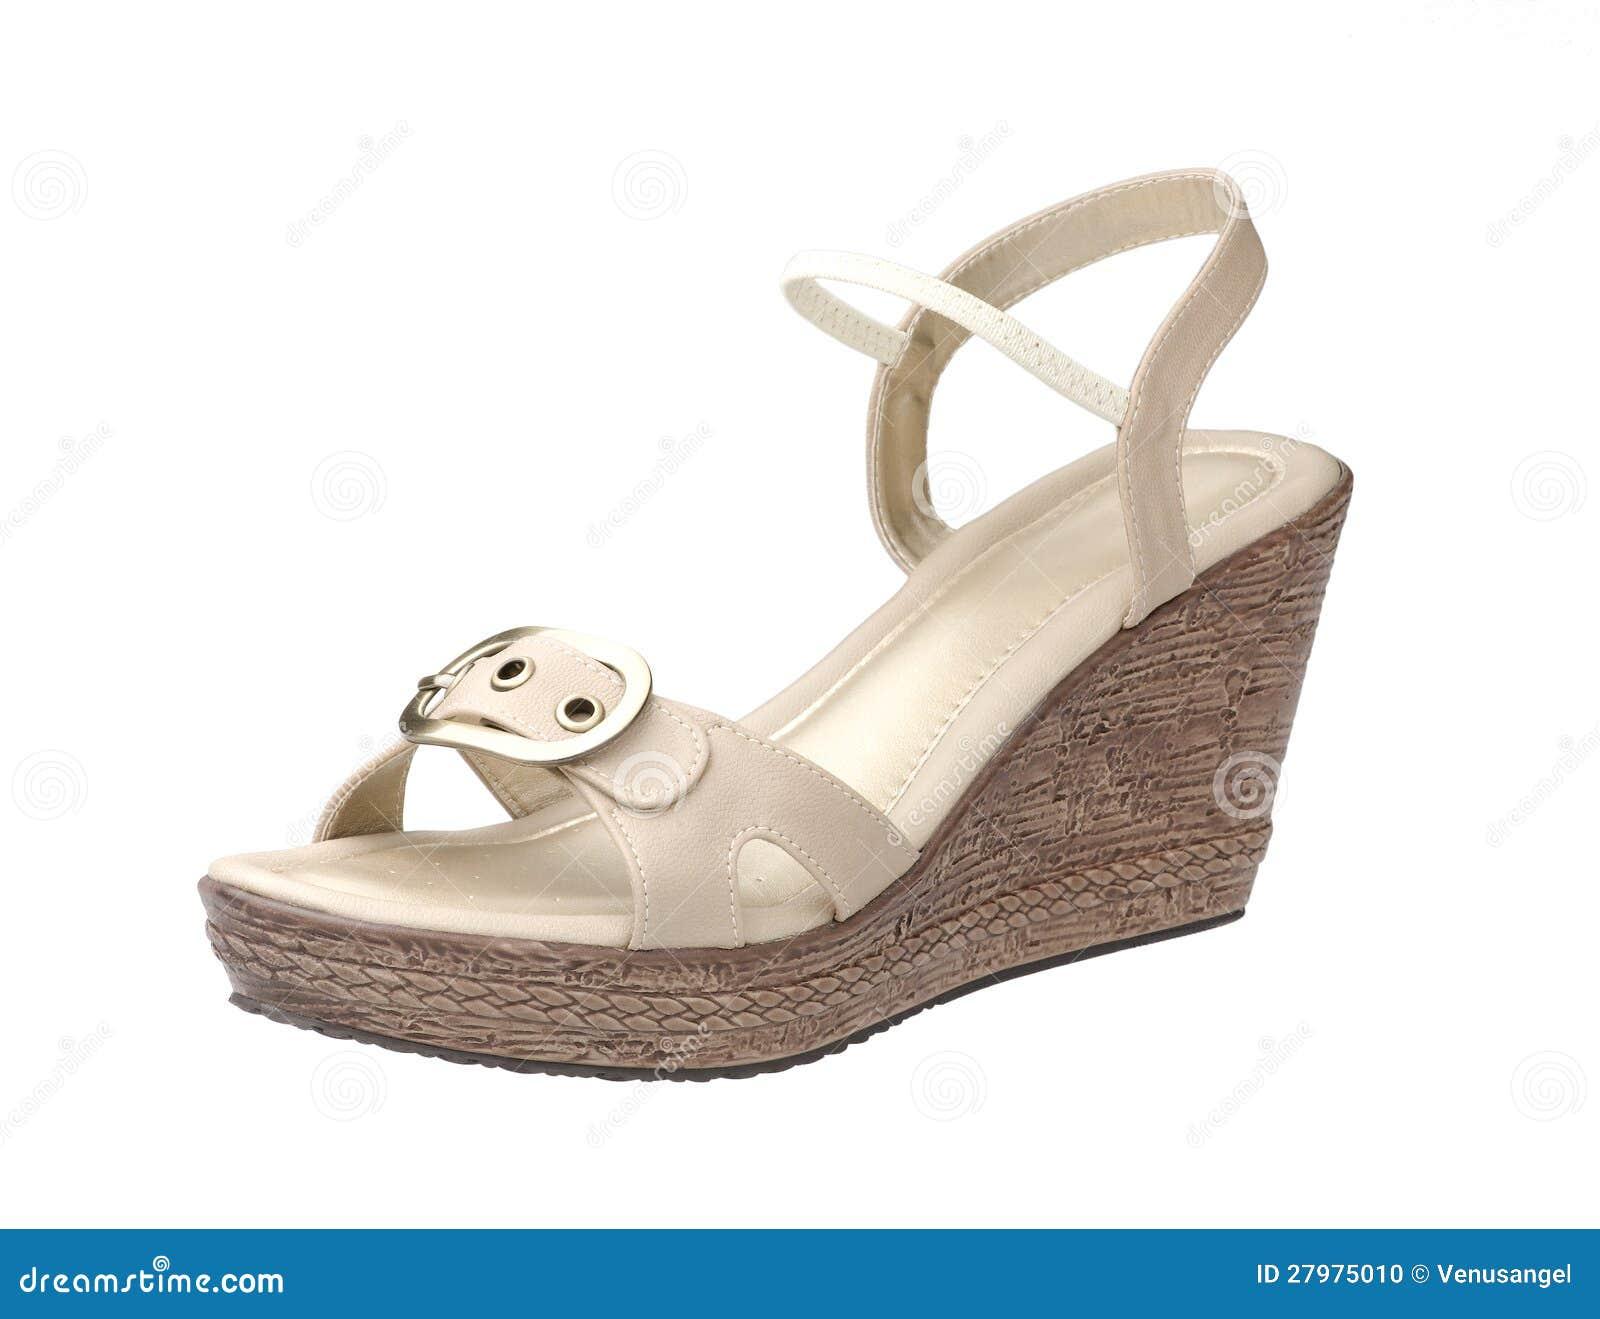 chaussure de femme de talon haut photo stock image 27975010. Black Bedroom Furniture Sets. Home Design Ideas